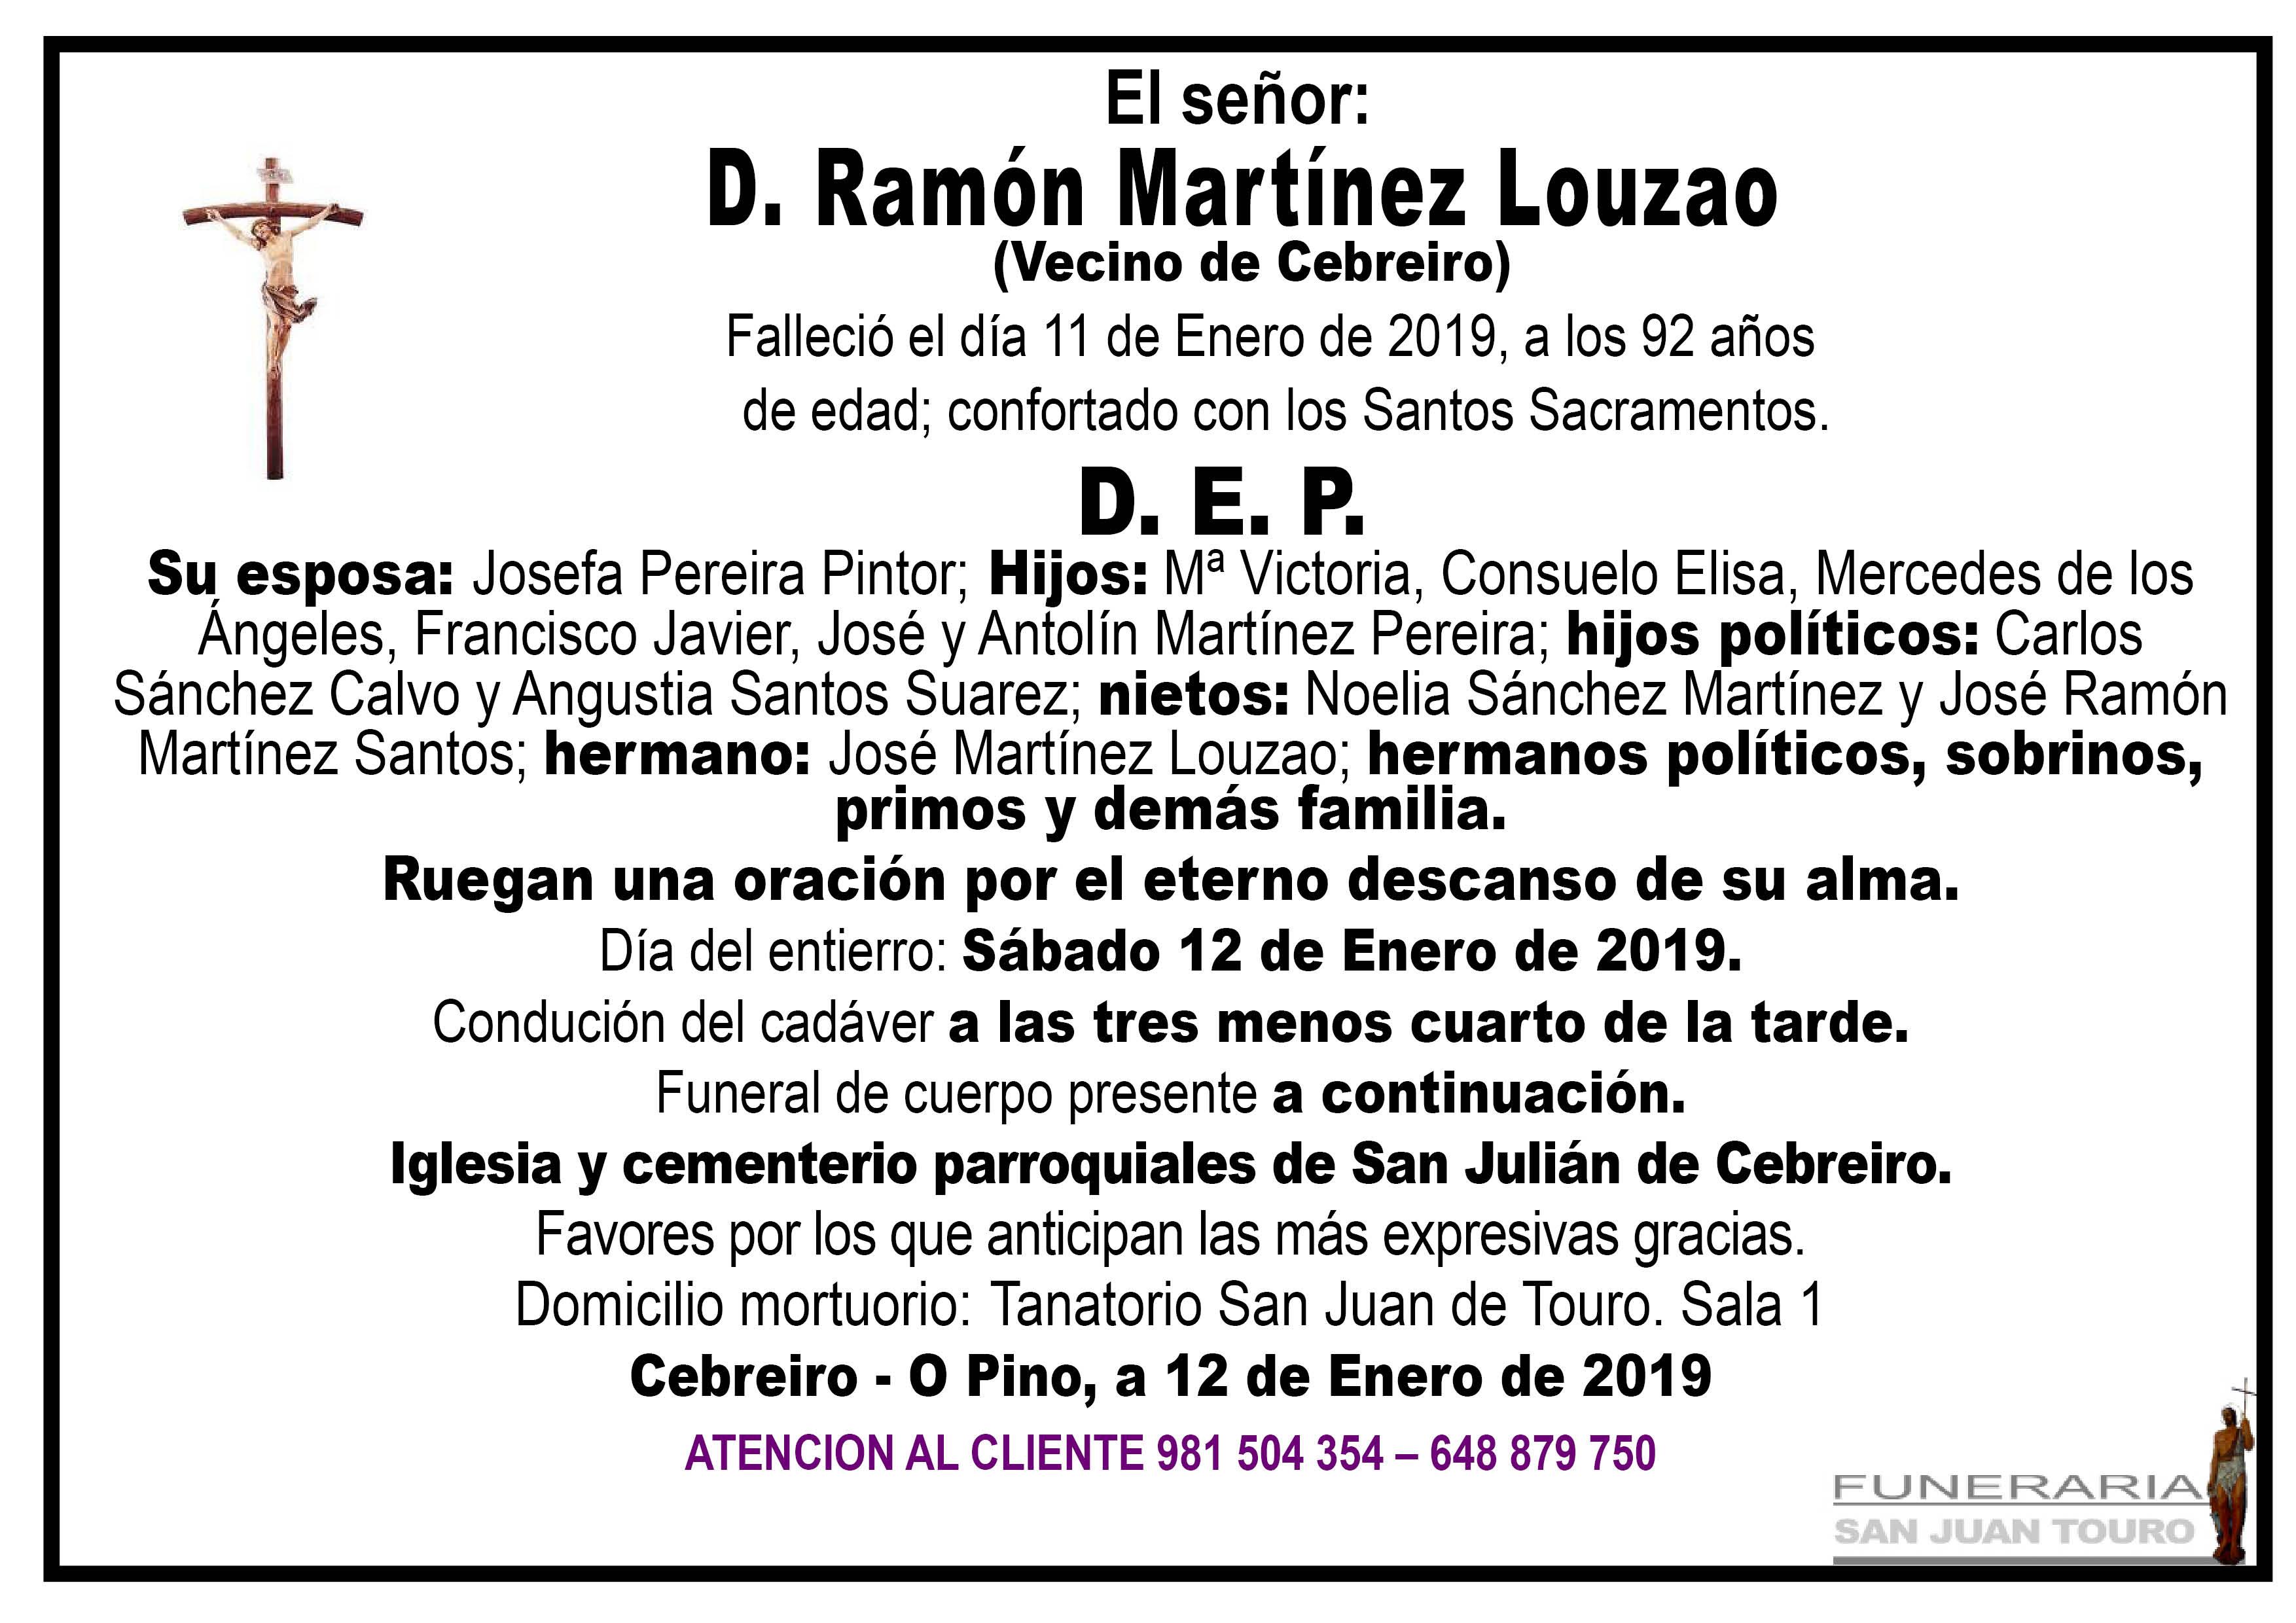 Esquela de SEPELIO DE DON RAMÓN MARTÍNEZ LOUZAO